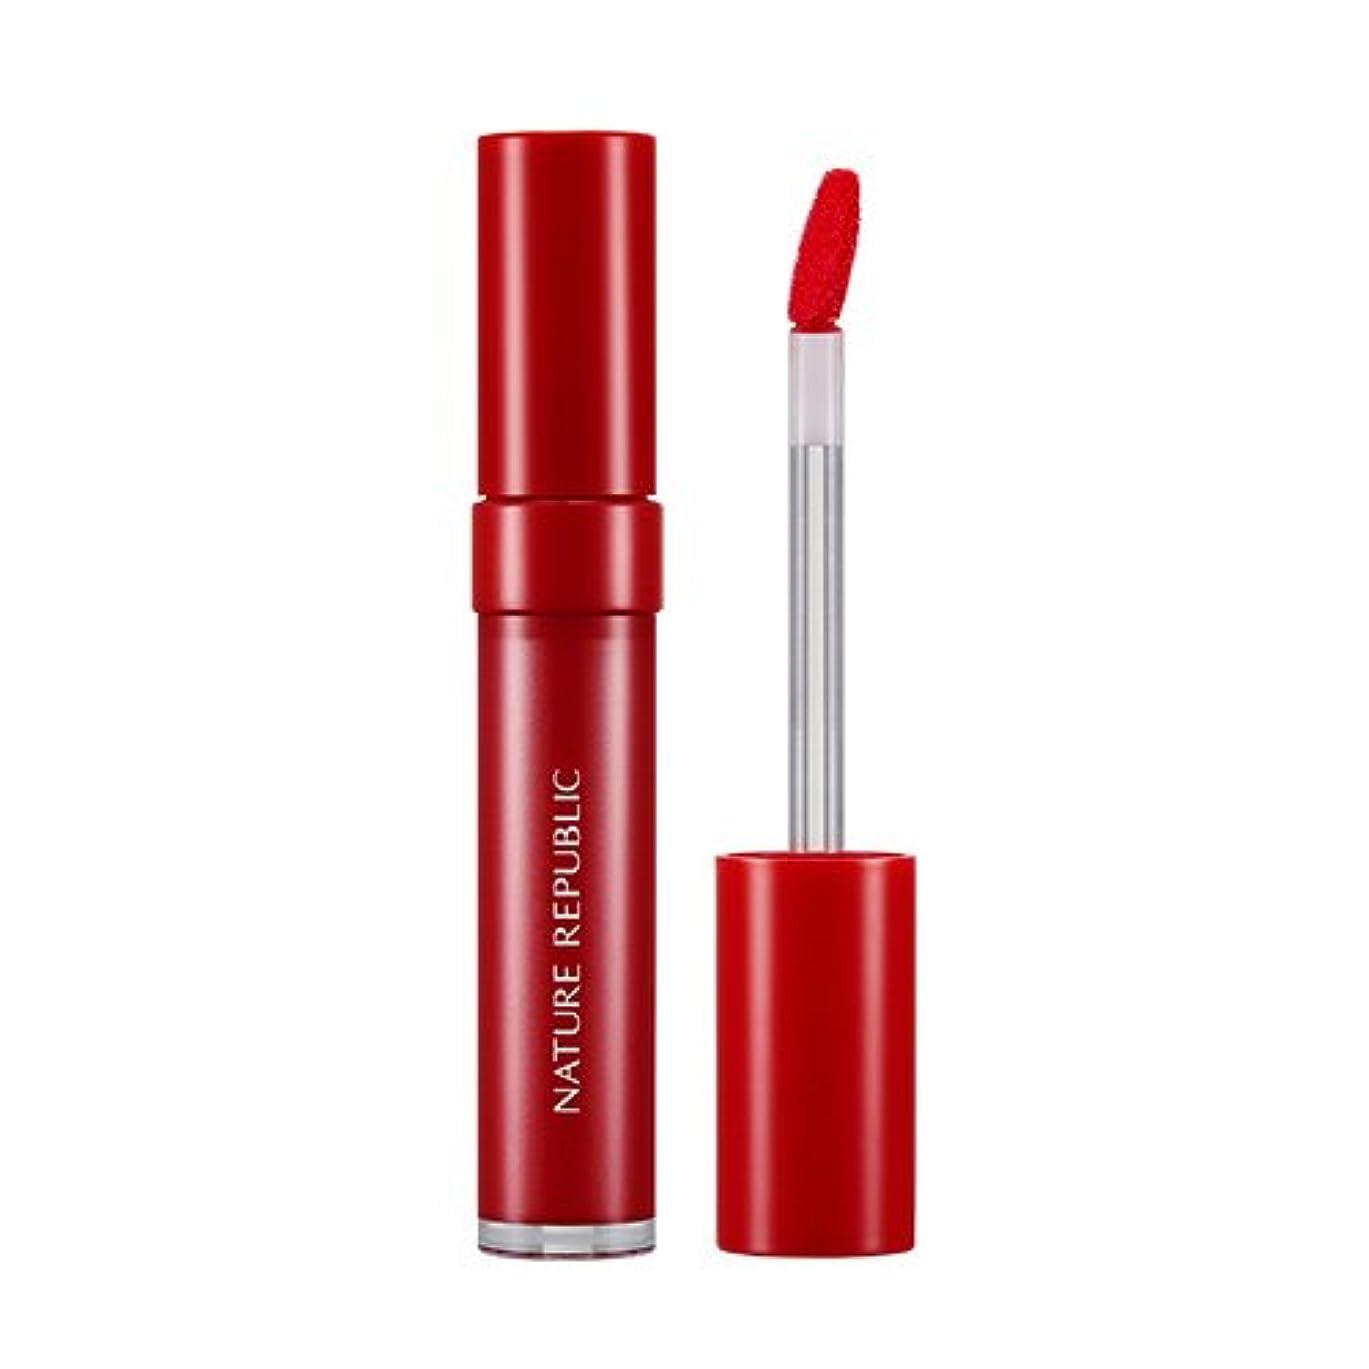 夜明けファッション写真撮影NATURE REPUBLIC INTENSIVE INK LIP LACQUER (#04 CLASSIC RED) / ネイチャーリパブリック インテンシブインクリップラッカー [並行輸入品]